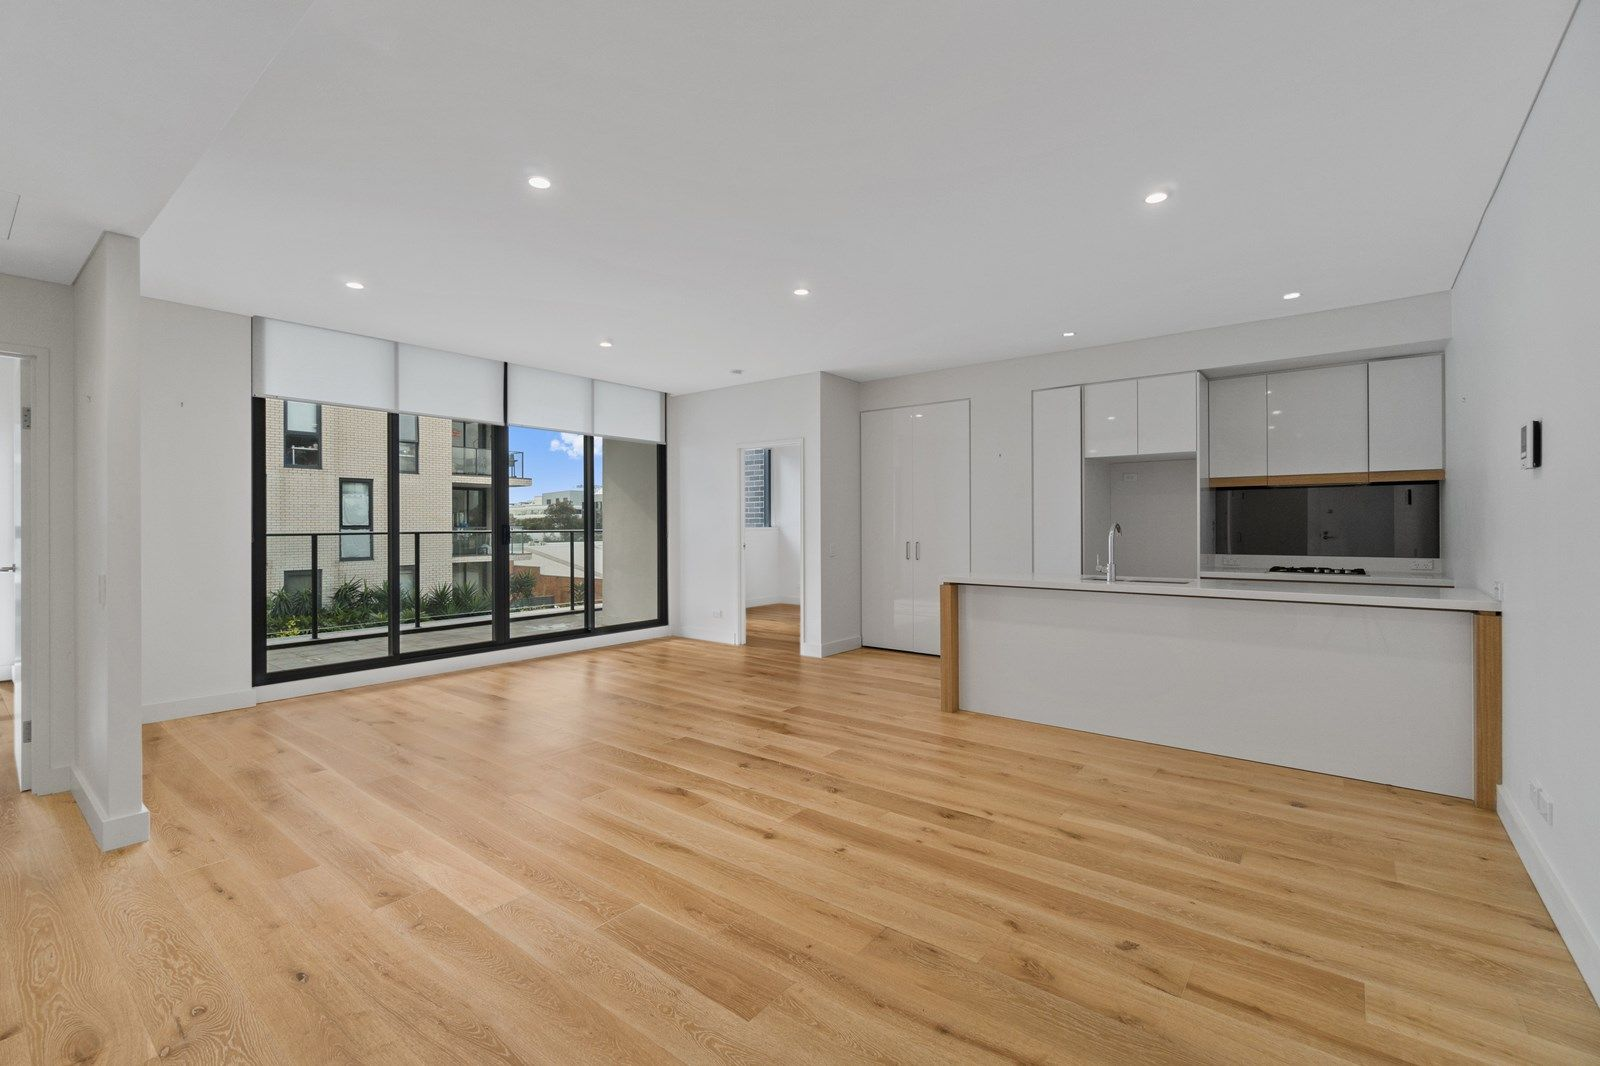 18/767 Botany Road, Rosebery NSW 2018, Image 1